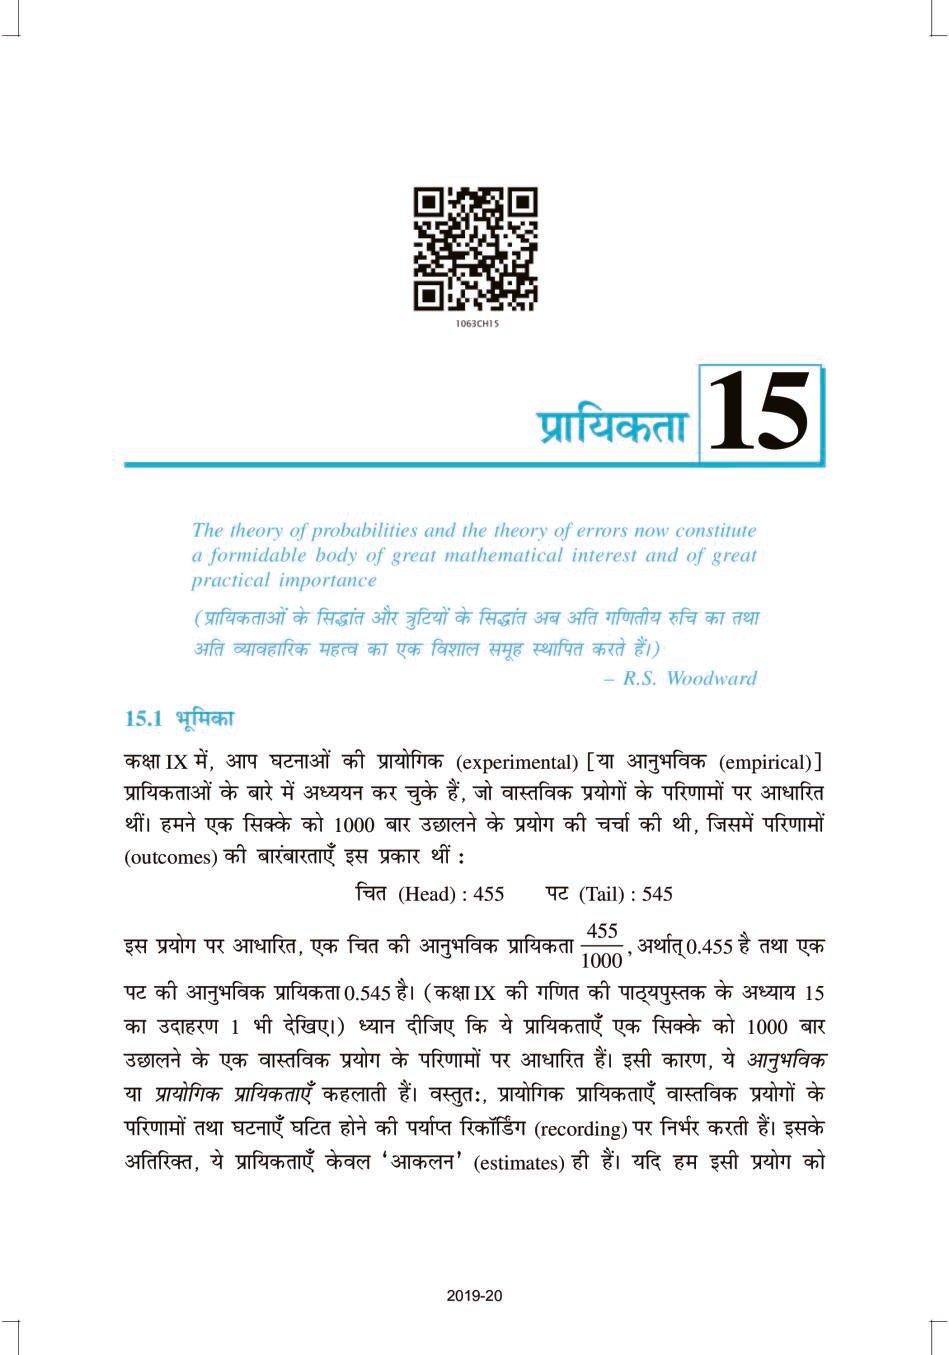 NCERT Book Class 10 Maths (गणित) Chapter 15 प्रायिकता - Page 1